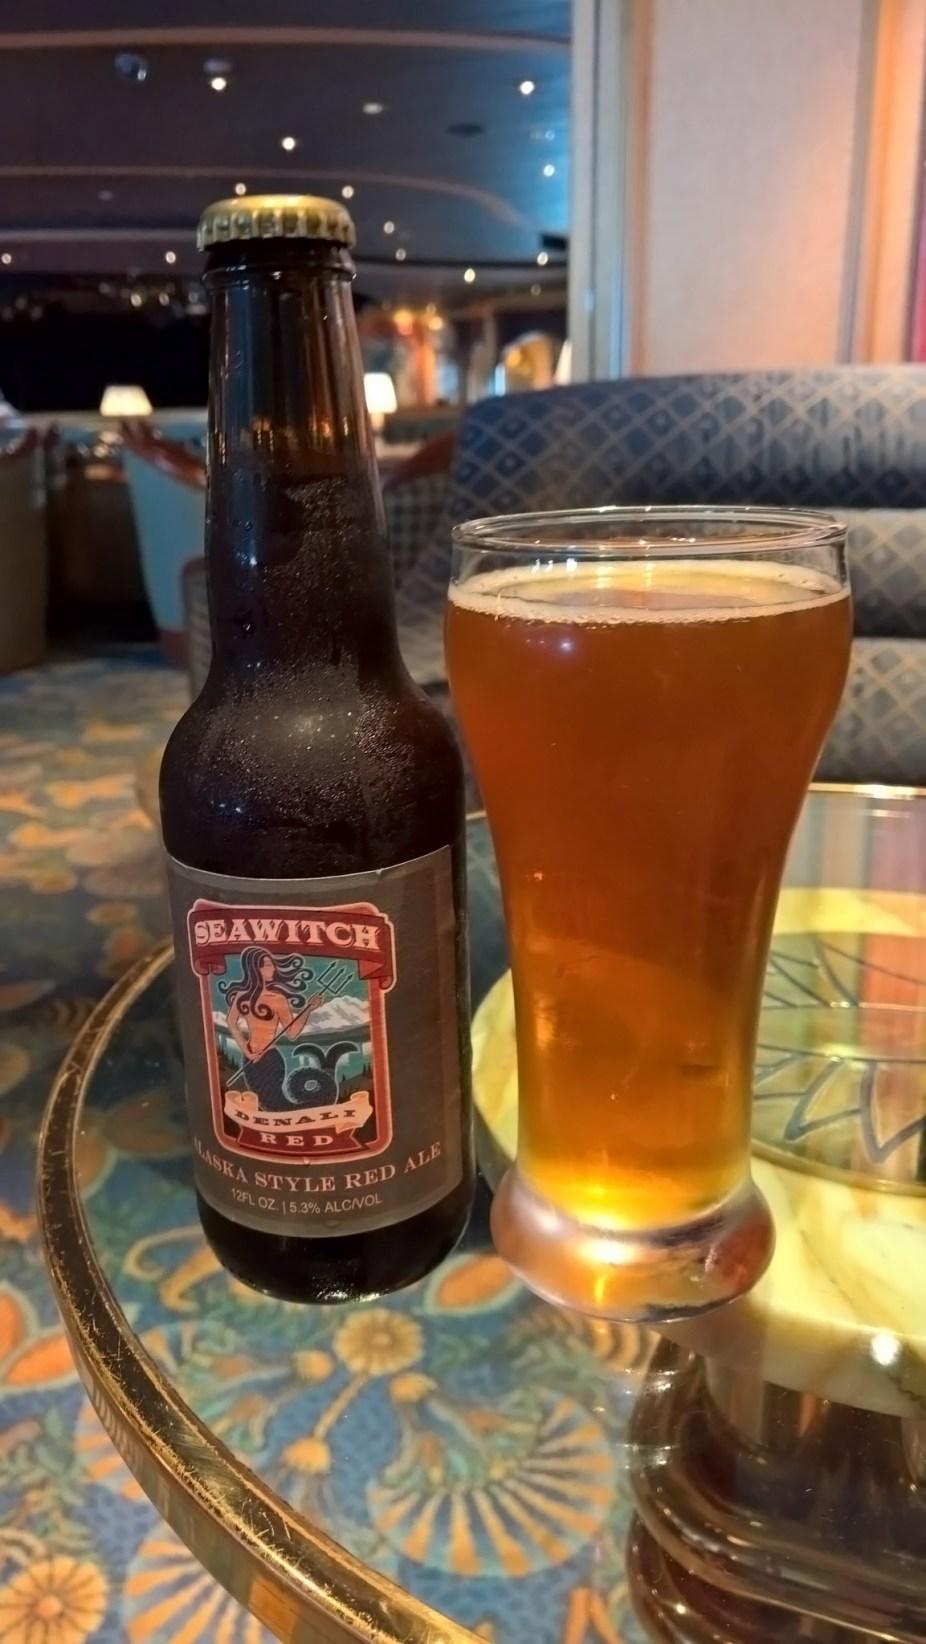 Seawitch Ale